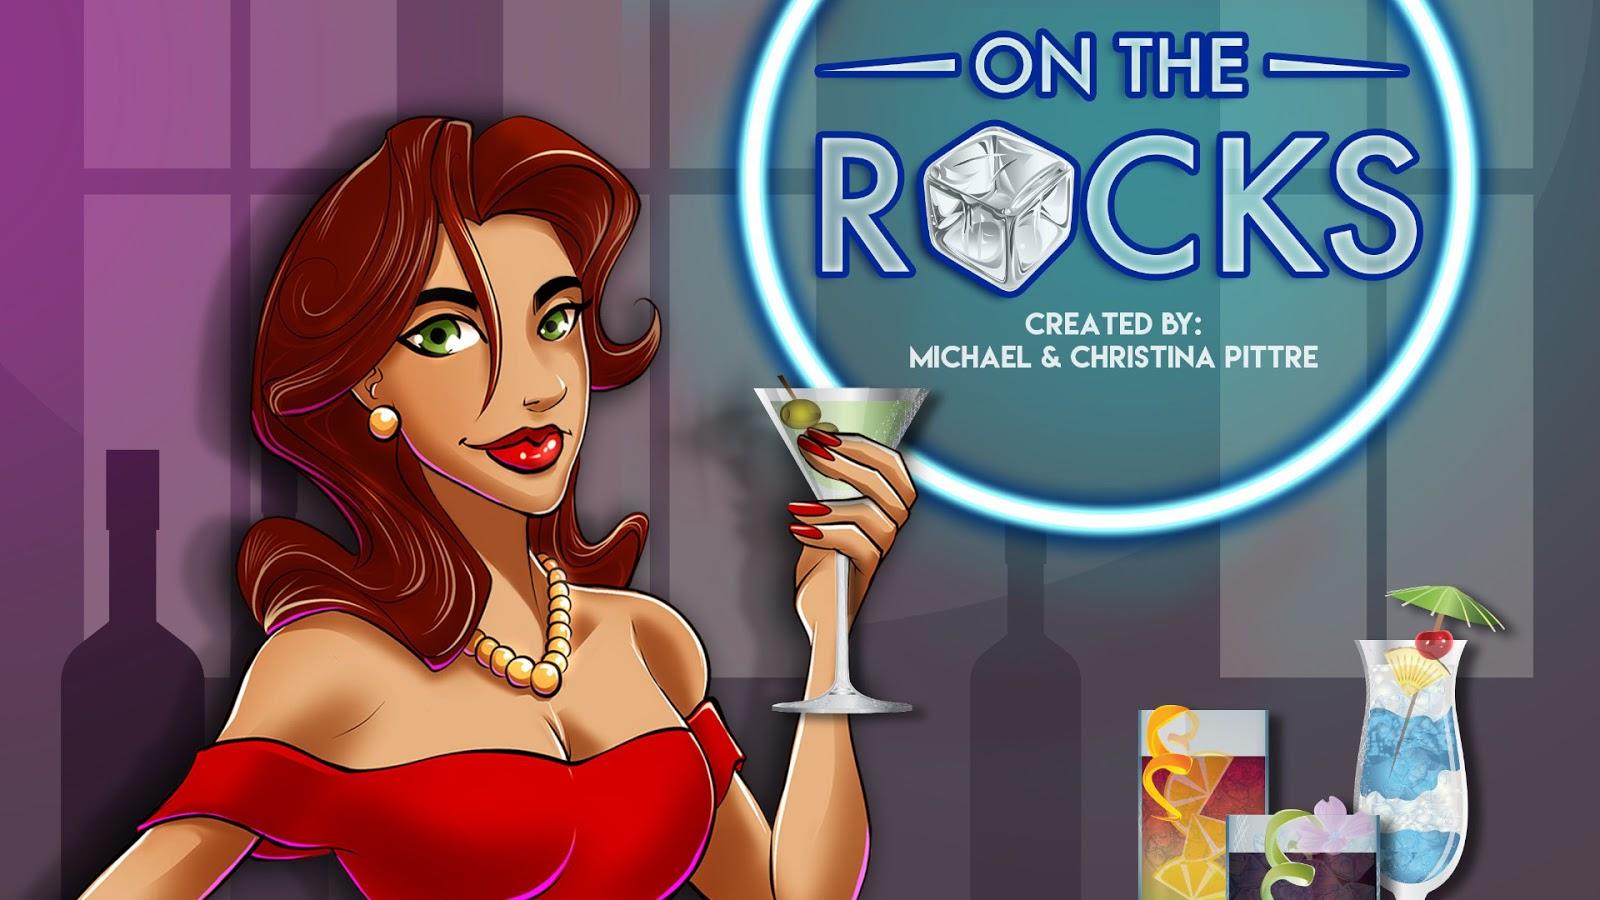 Kickstarter Highlights - On the Rocks